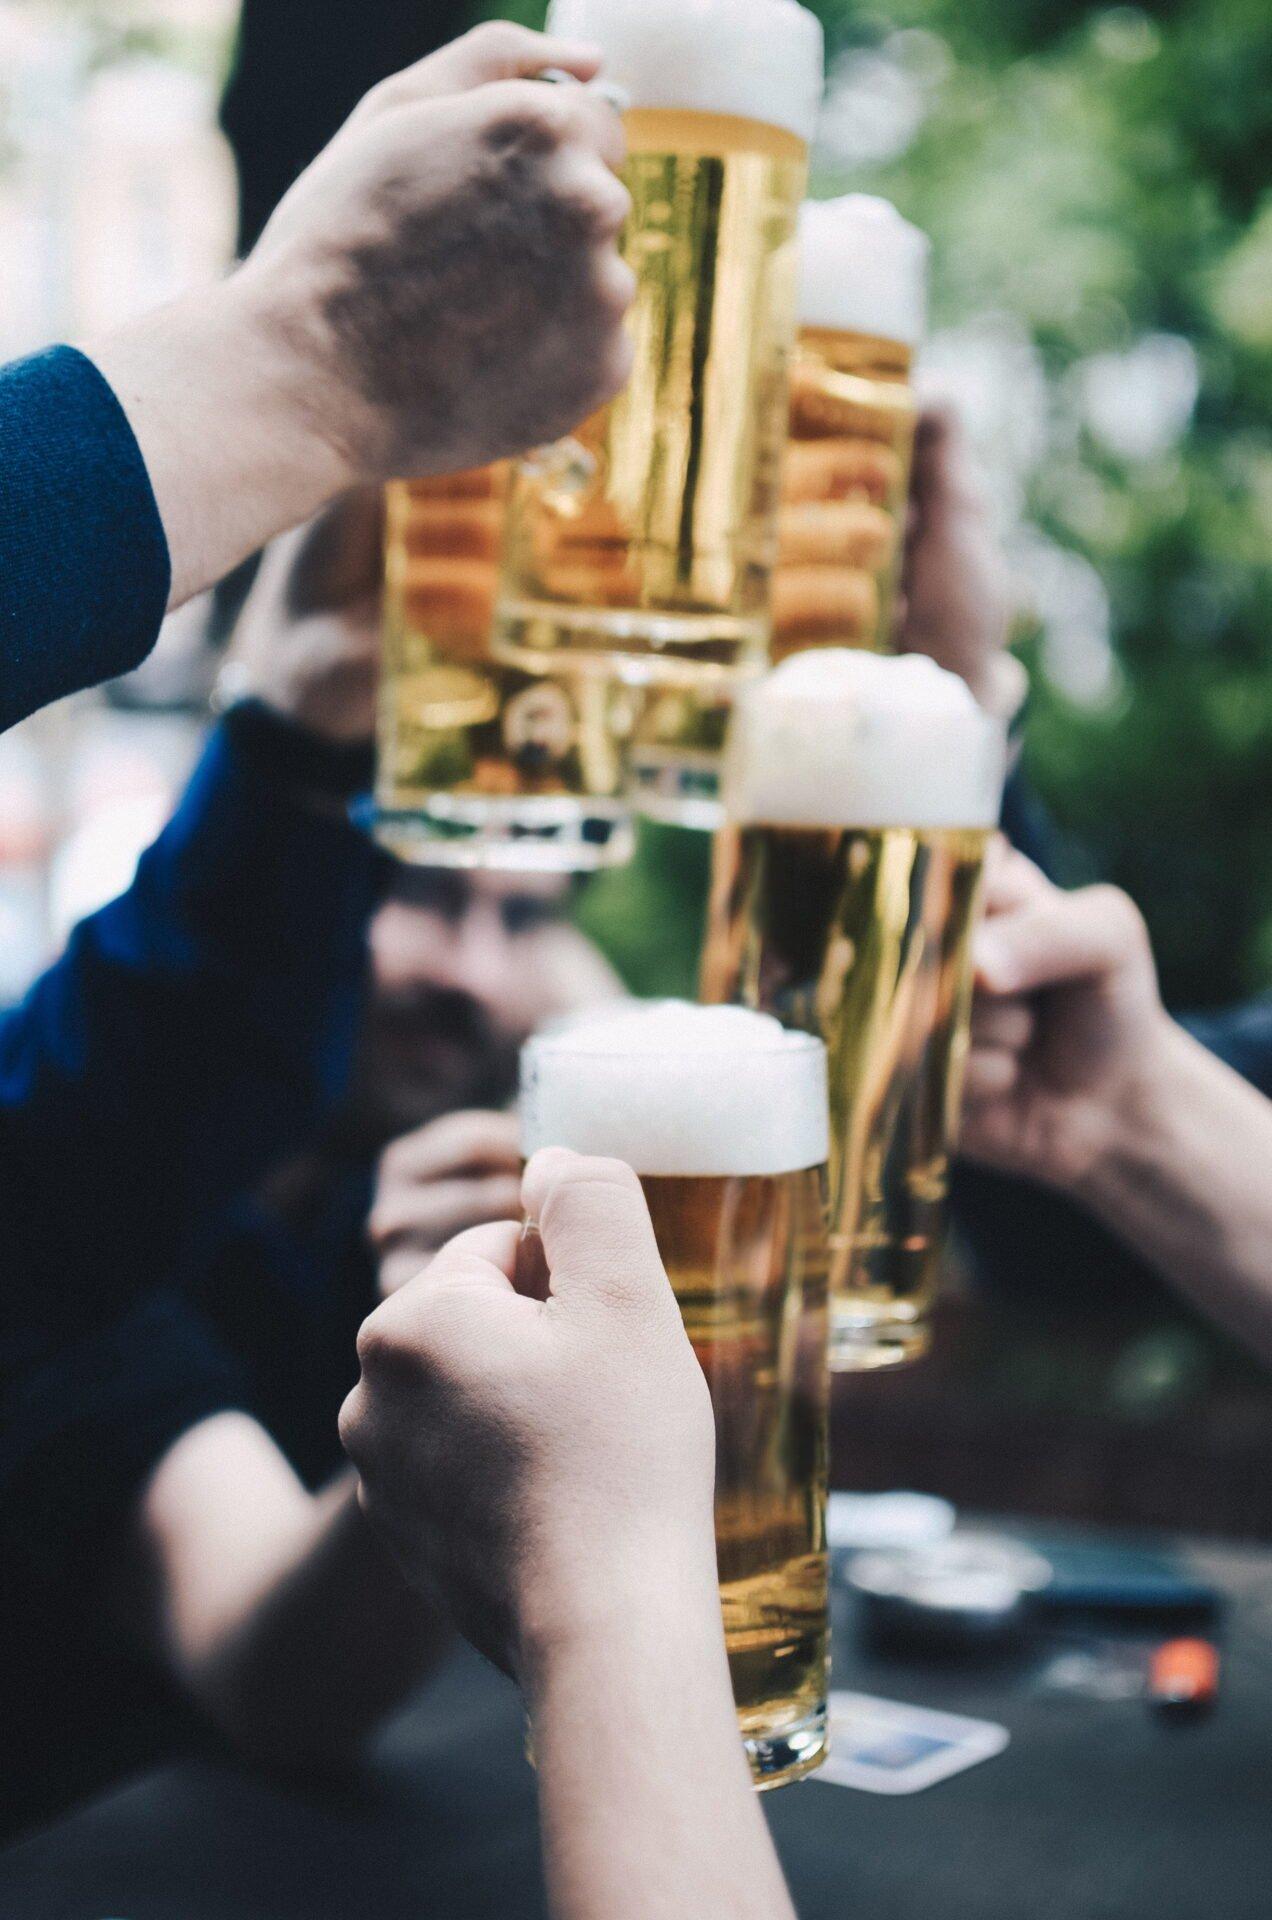 Get your free BrewDog beer when pubs reopen